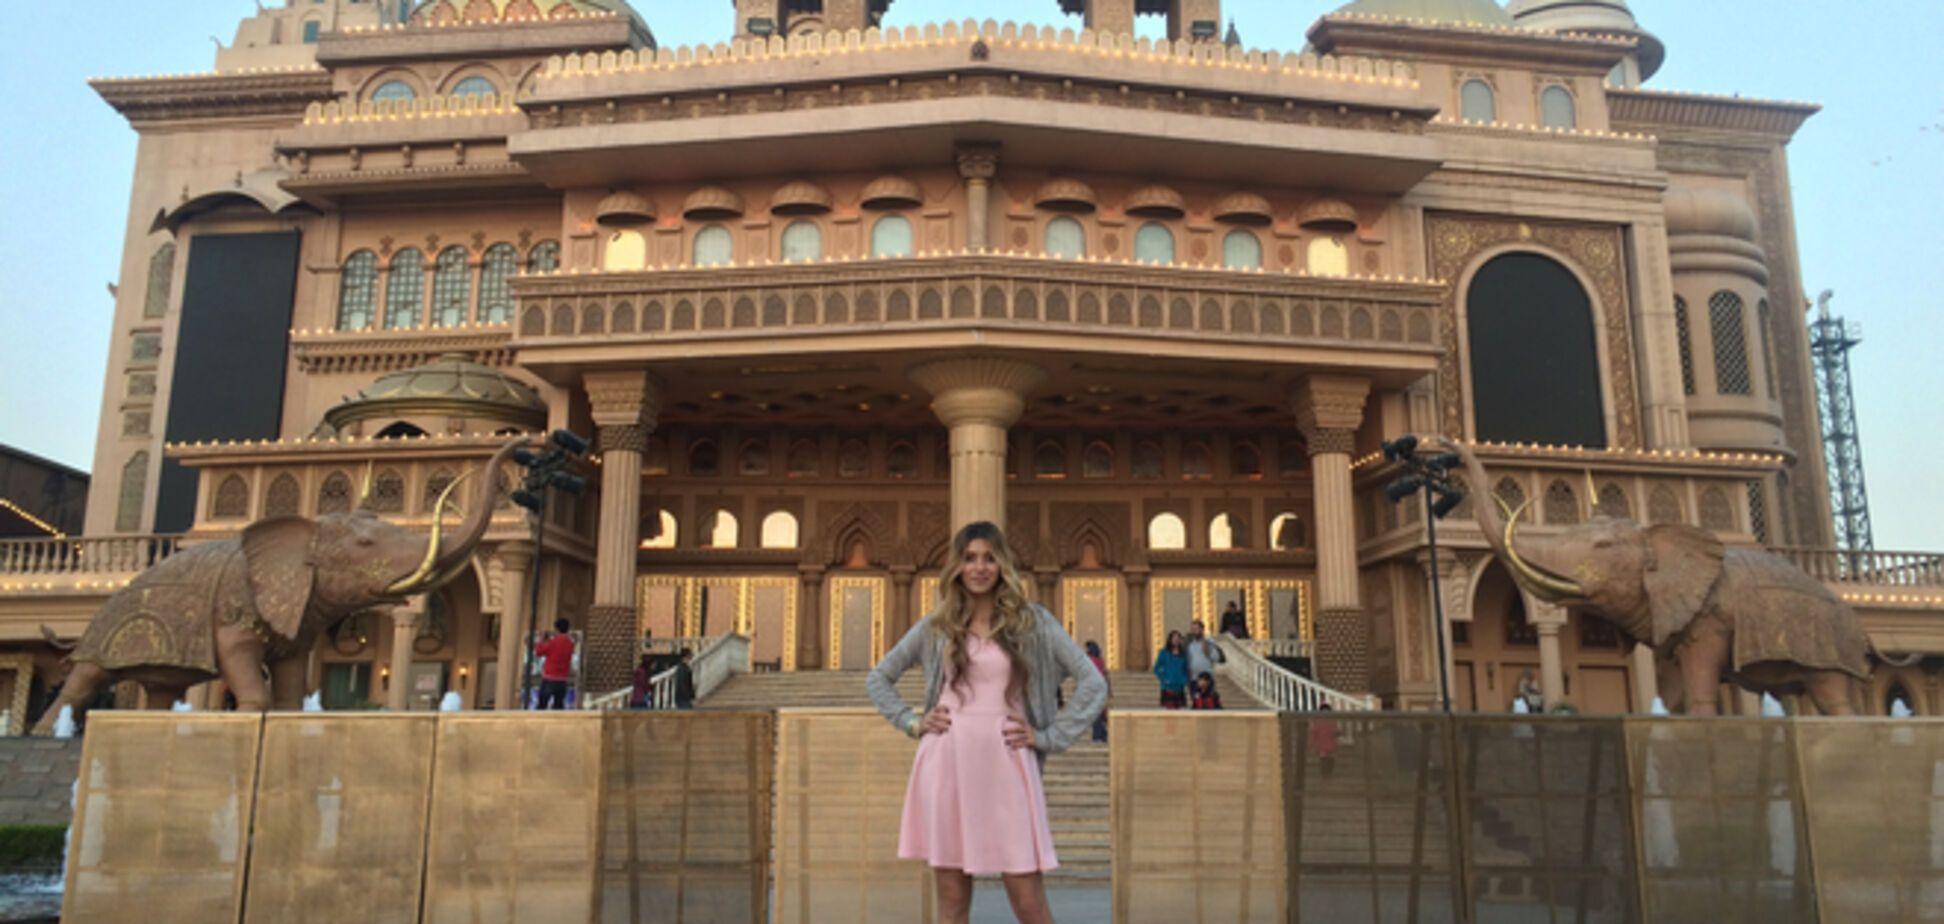 Ведущую шоу 'Орел и Решка' Регину Тодоренко арестовали в Индии за подготовку террористического акта